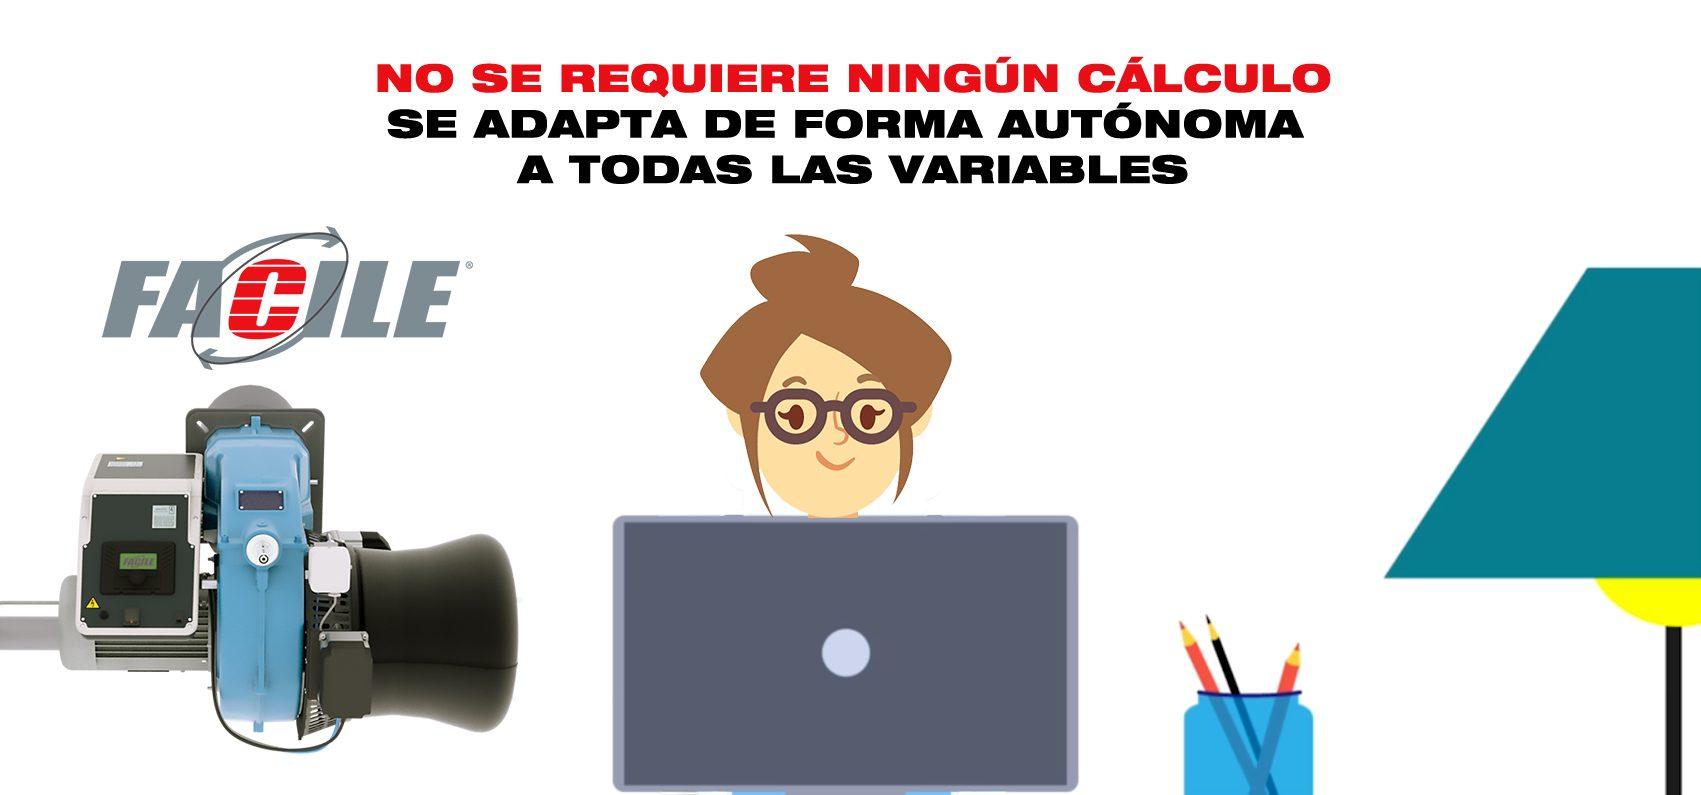 FACILE CIB Unigas se adapta de forma autónoma a todas las variables